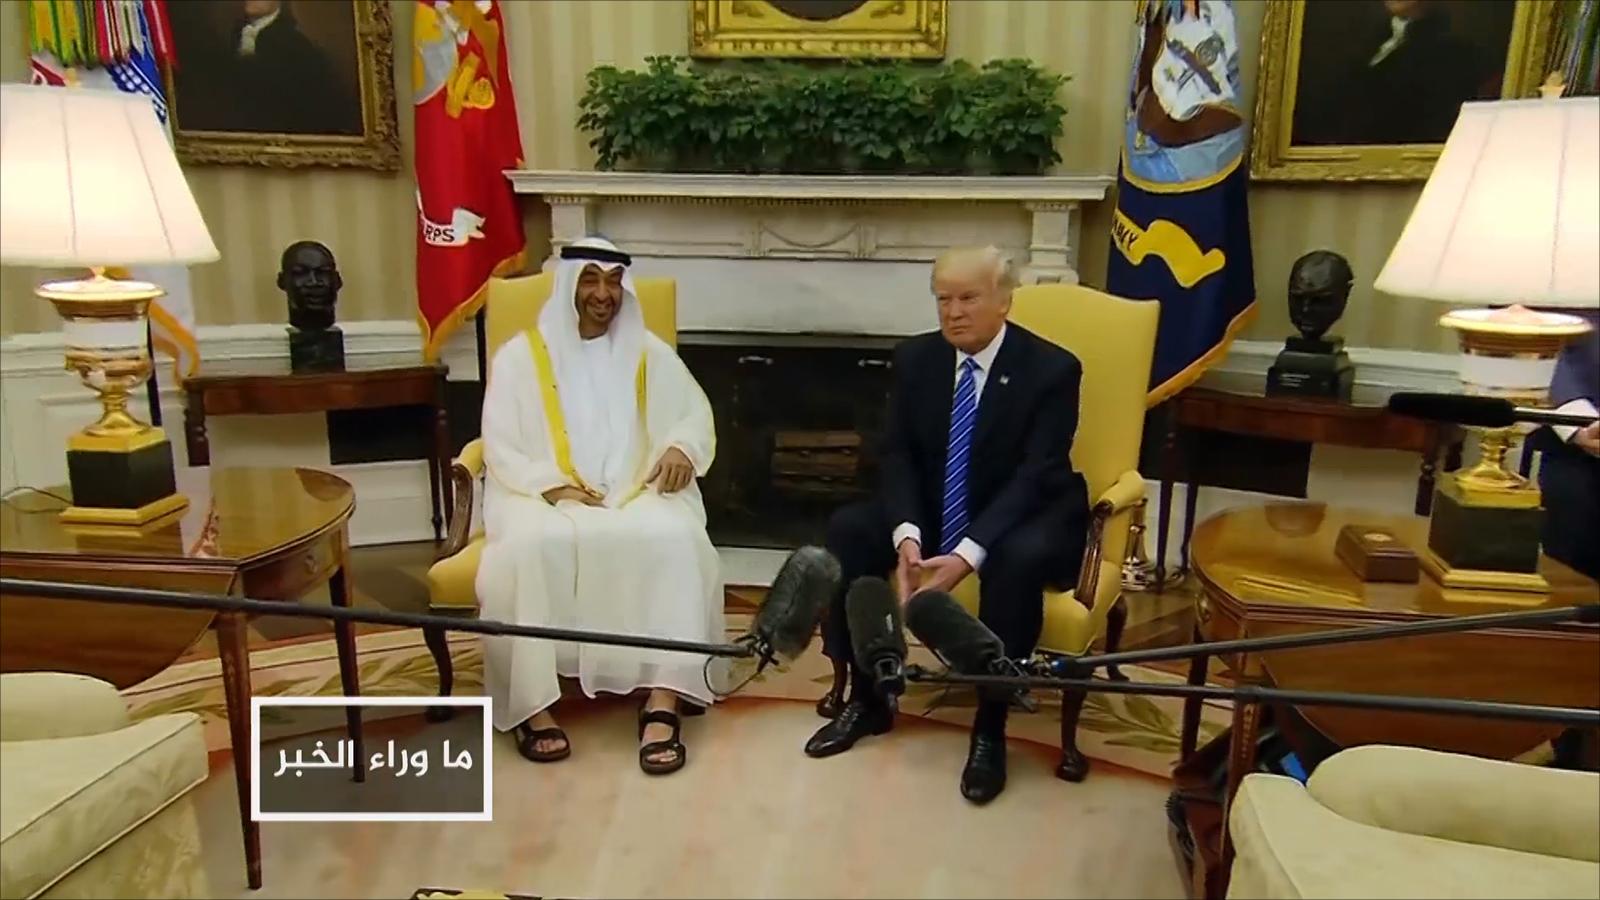 الإمارات والسعودية.. حقائق صادمة في اليمن